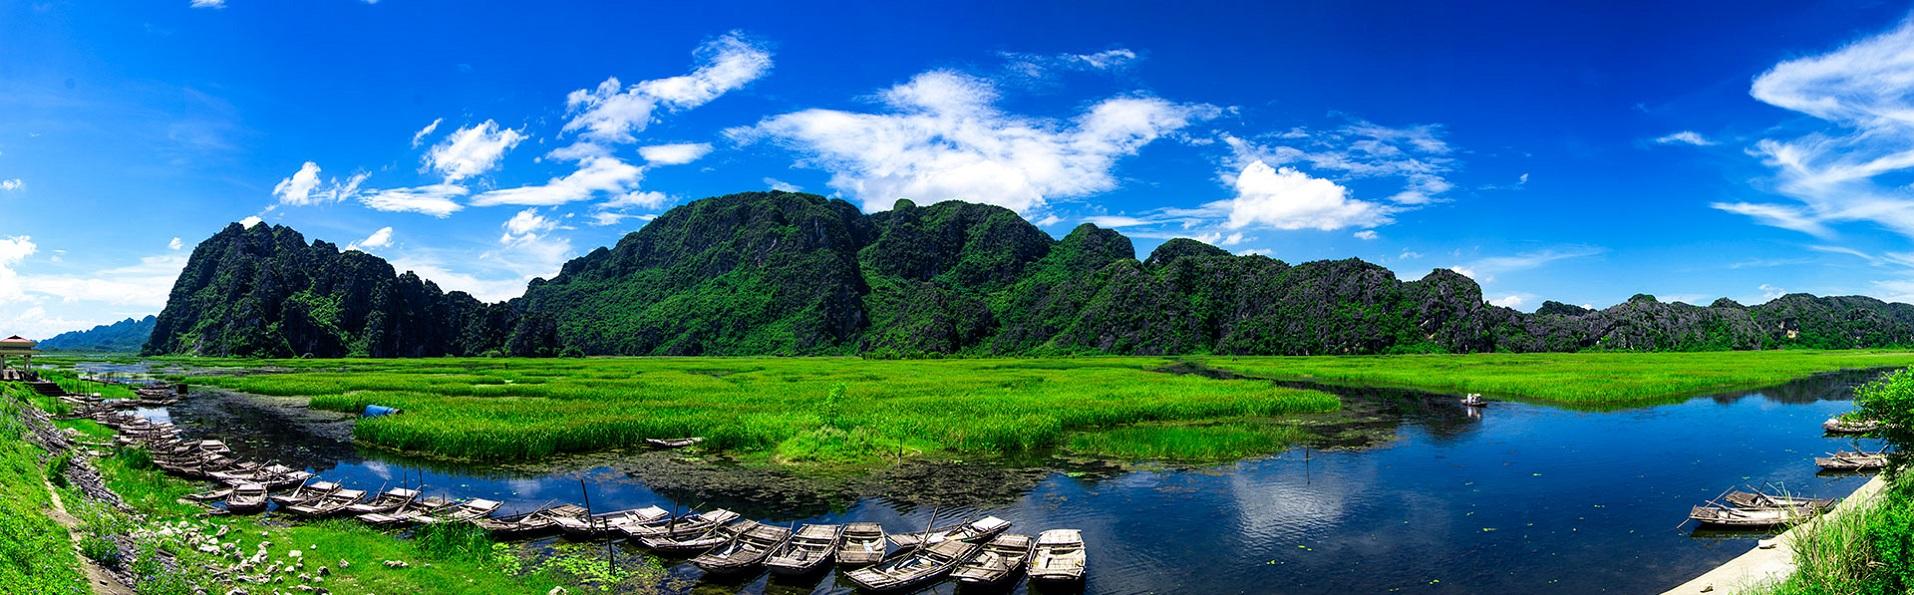 Agence locale, voyage haut de gamme sur mesure au Vietnam